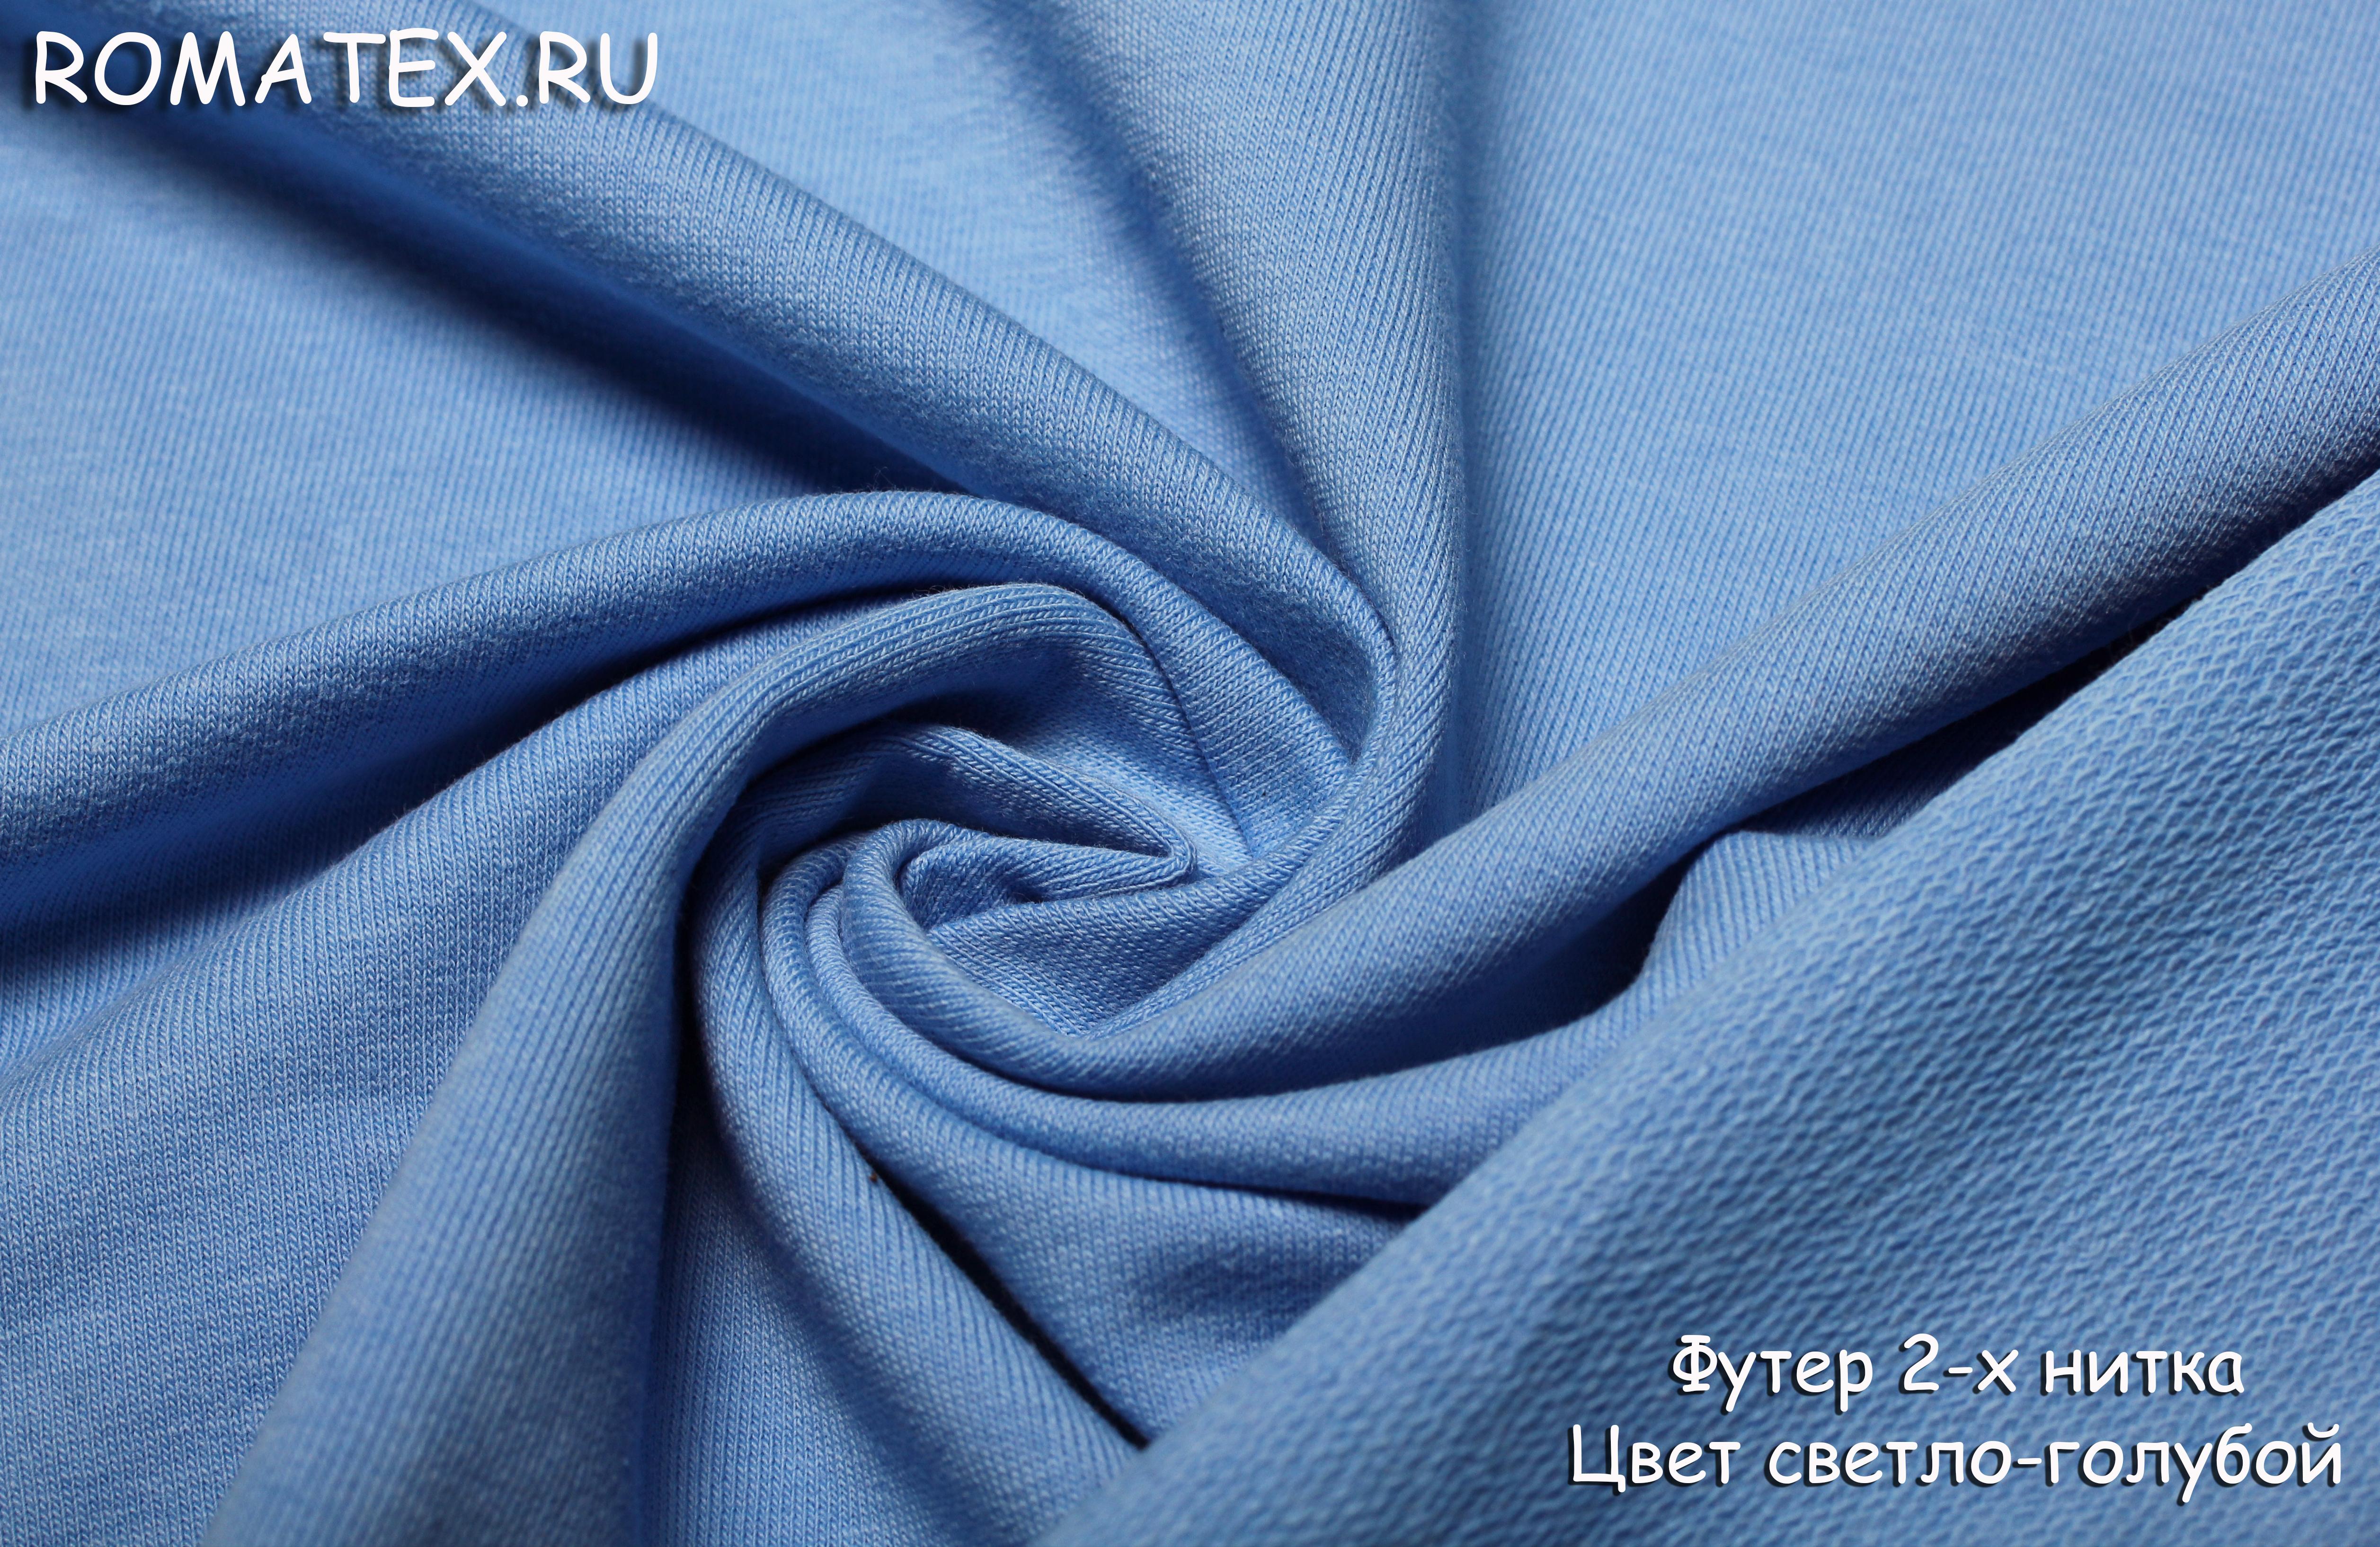 Футер 2-х нитка петля цвет голубой качество Пенье